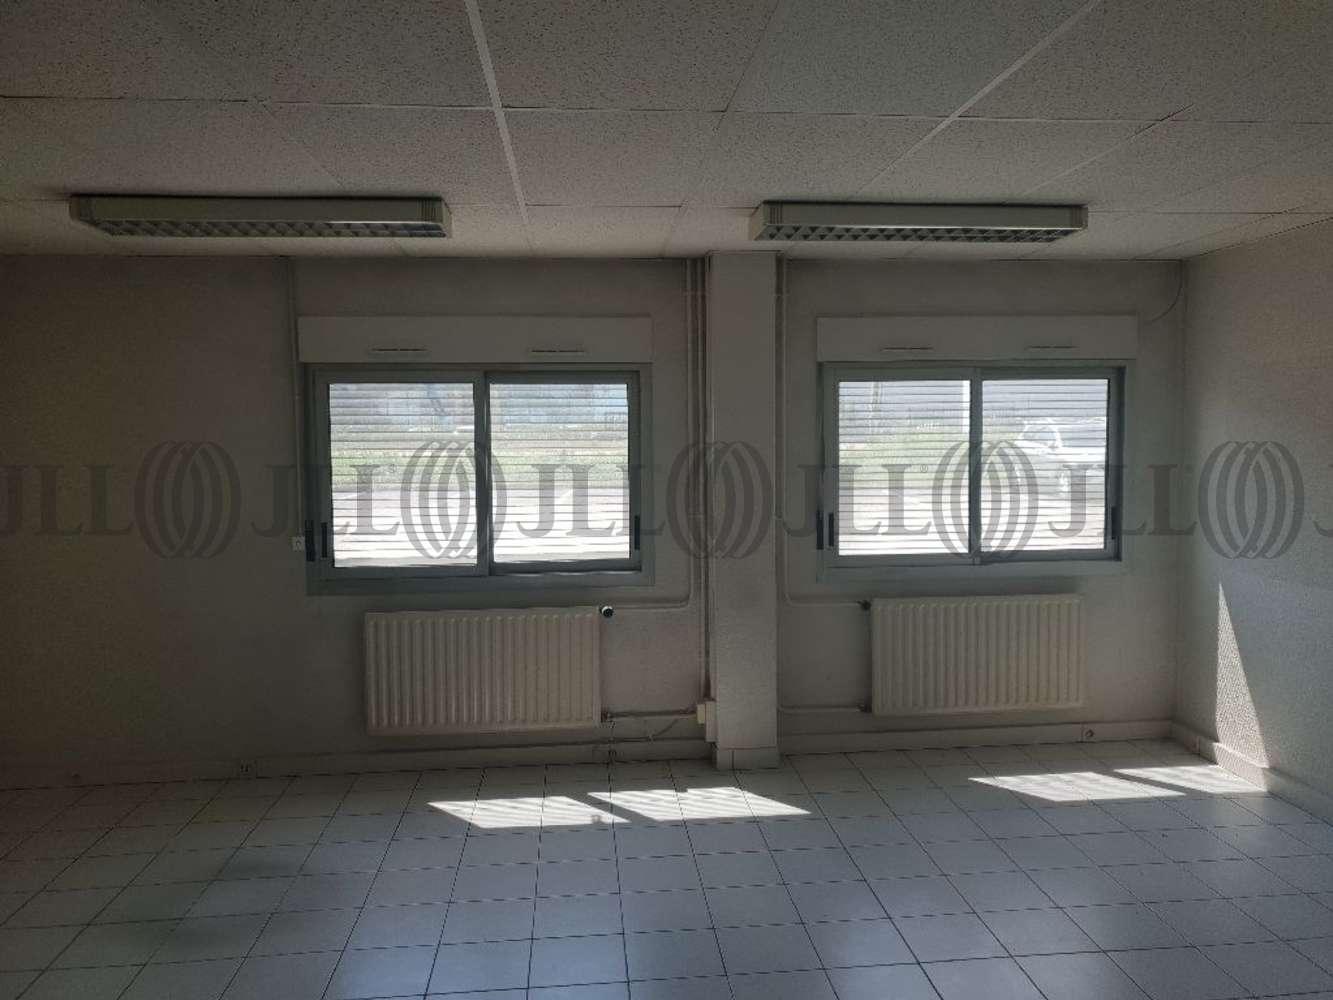 Activités/entrepôt Miribel, 01700 - LOCAUX D'ACTIVITÉ À VENDRE MIRIBEL - 10526012